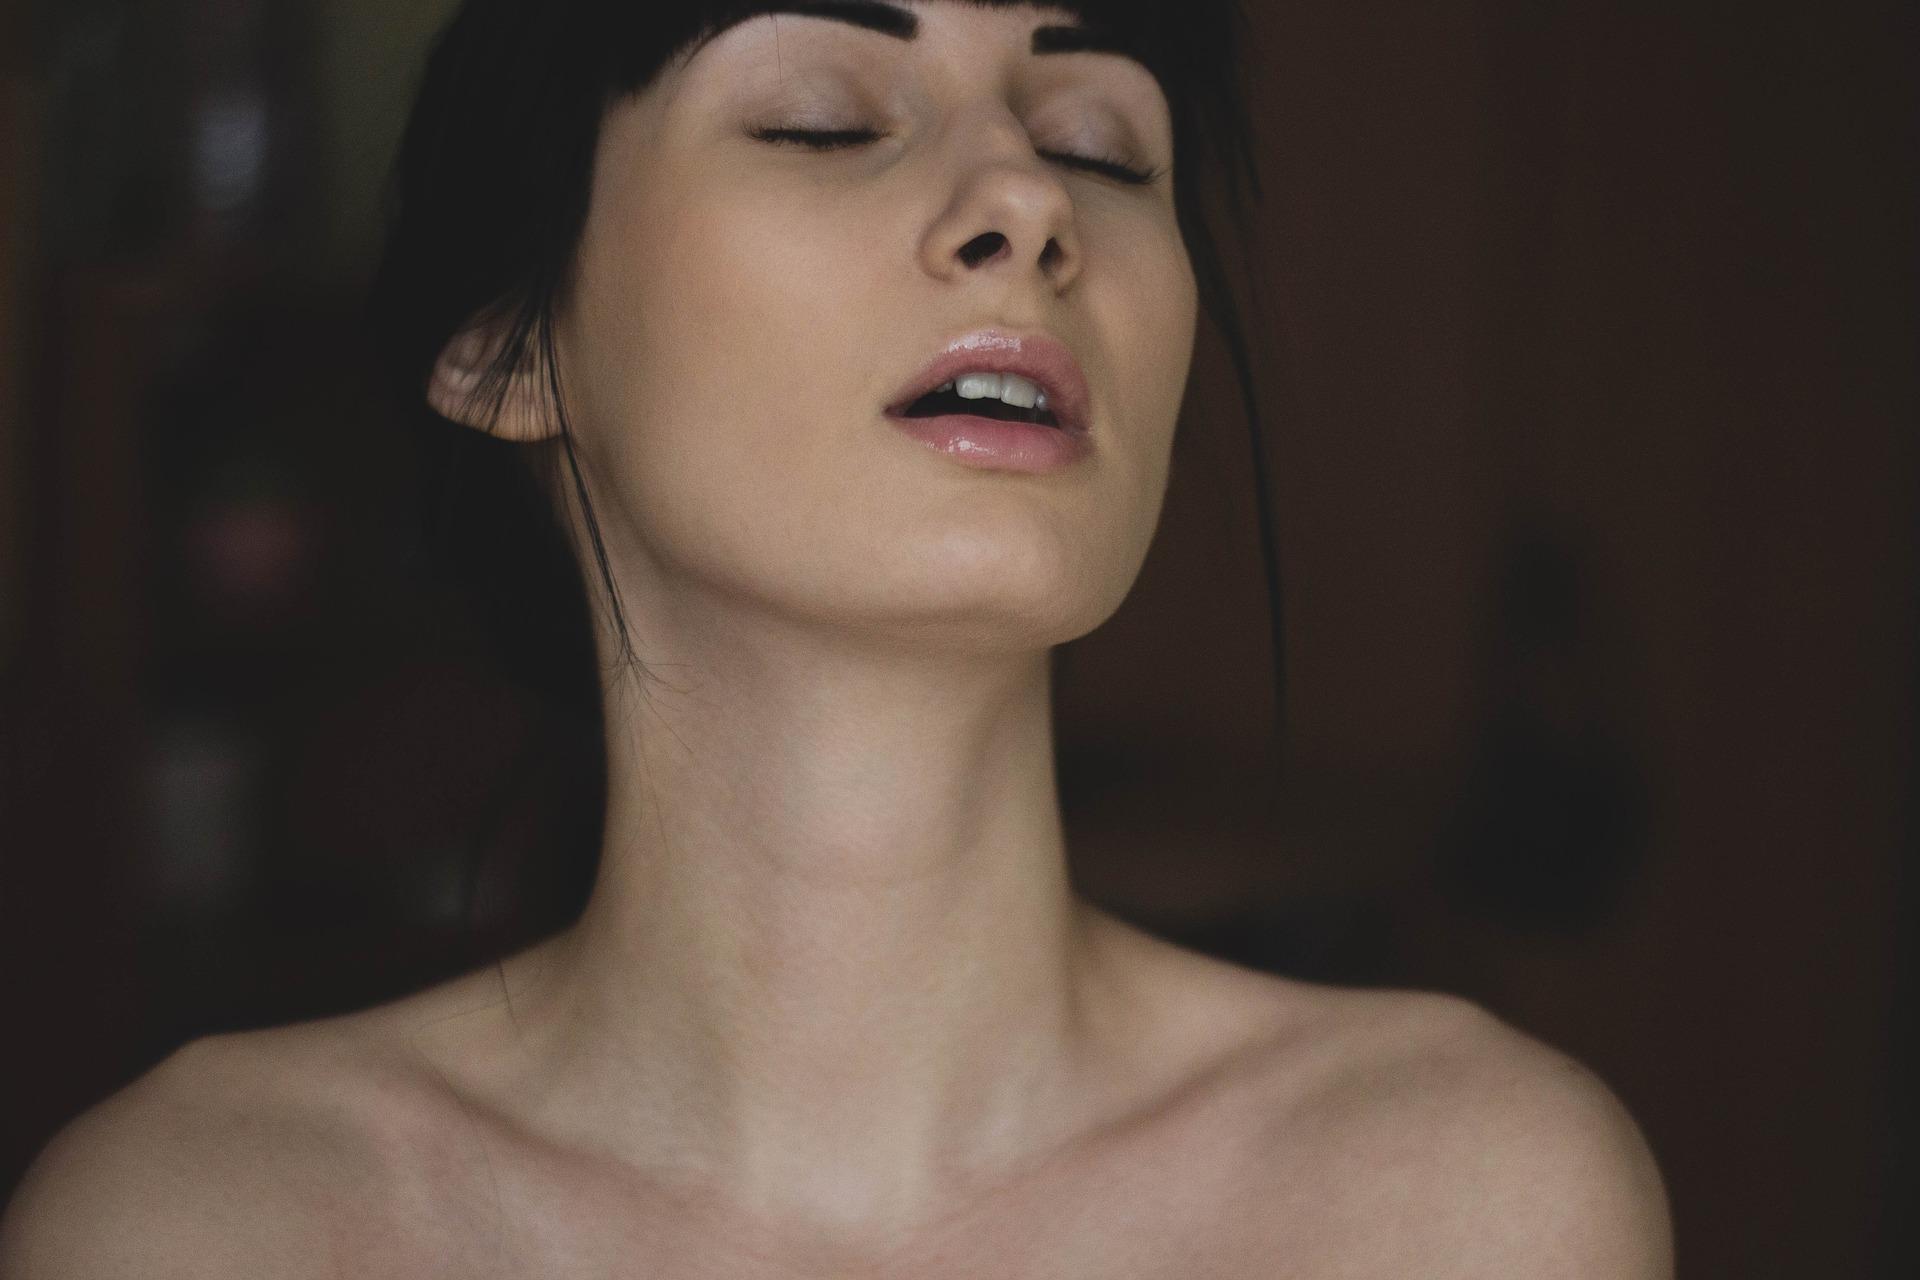 Лица женщин во время экстаза — 9